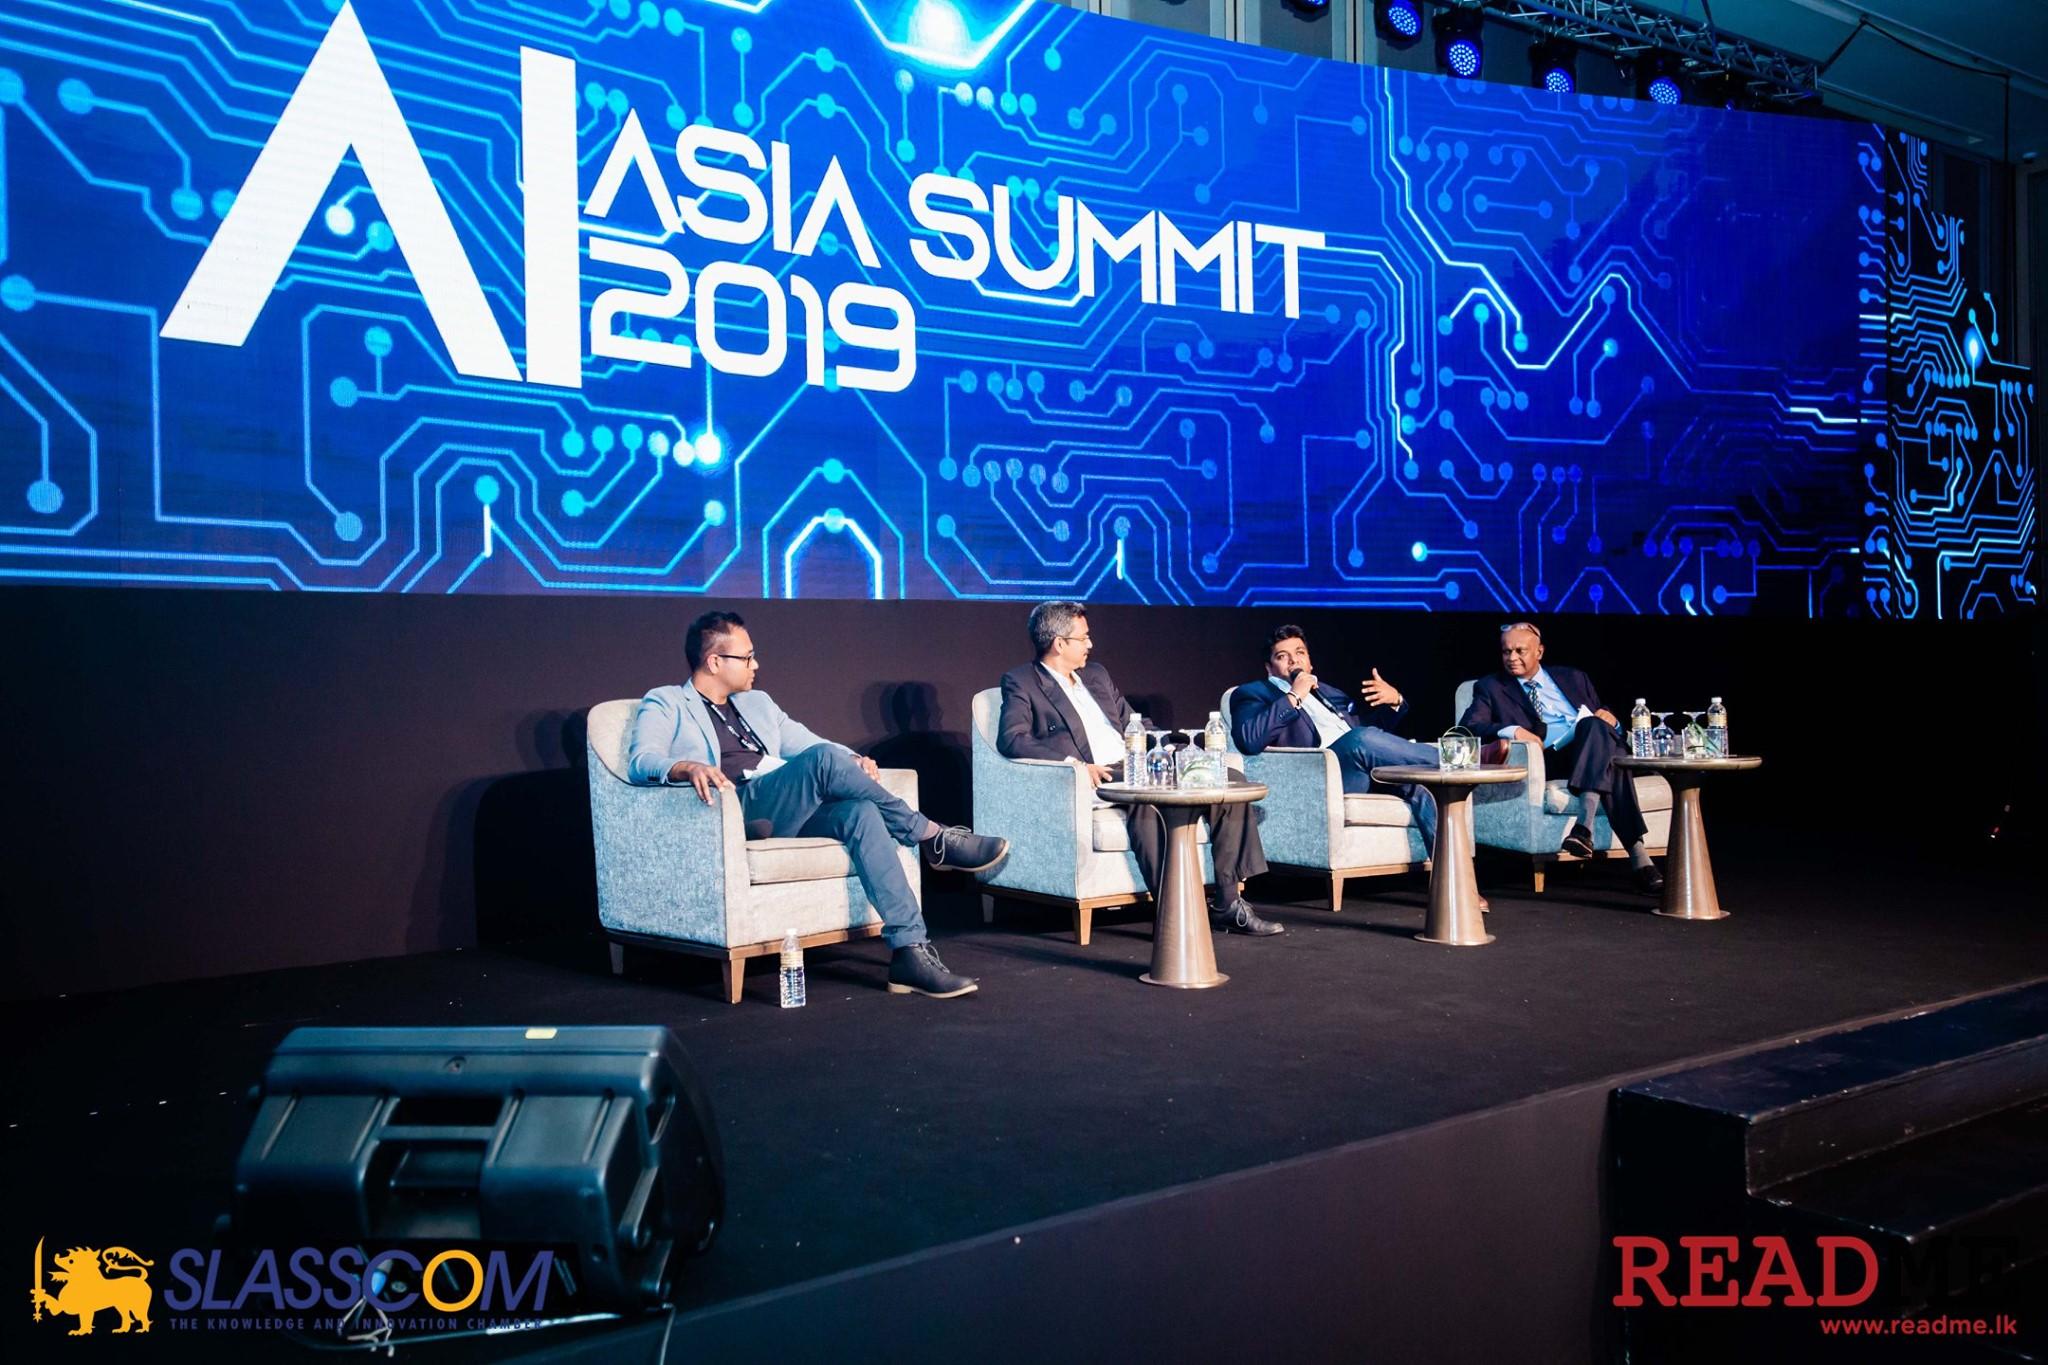 AI Asia Summit 2019 | SLASSCOM